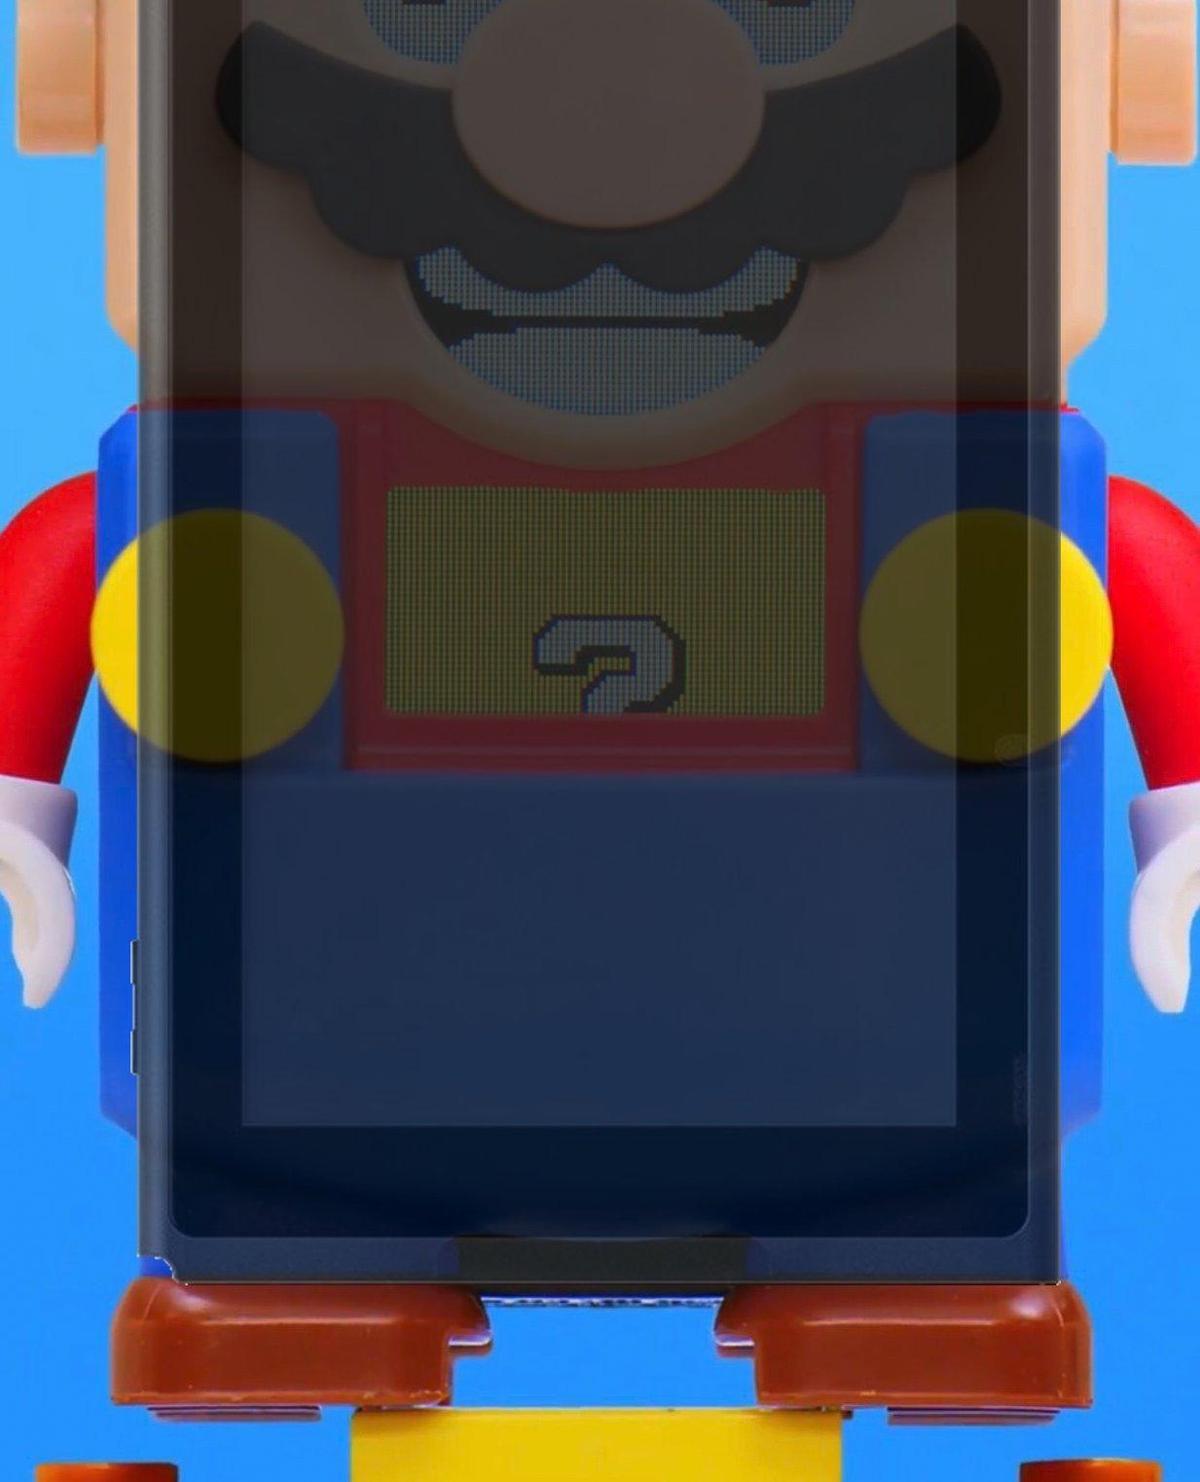 有網友推測樂高瑪利歐或許能放入Switch主機螢幕。(翻攝自@MonkeyDLenny Twitter)